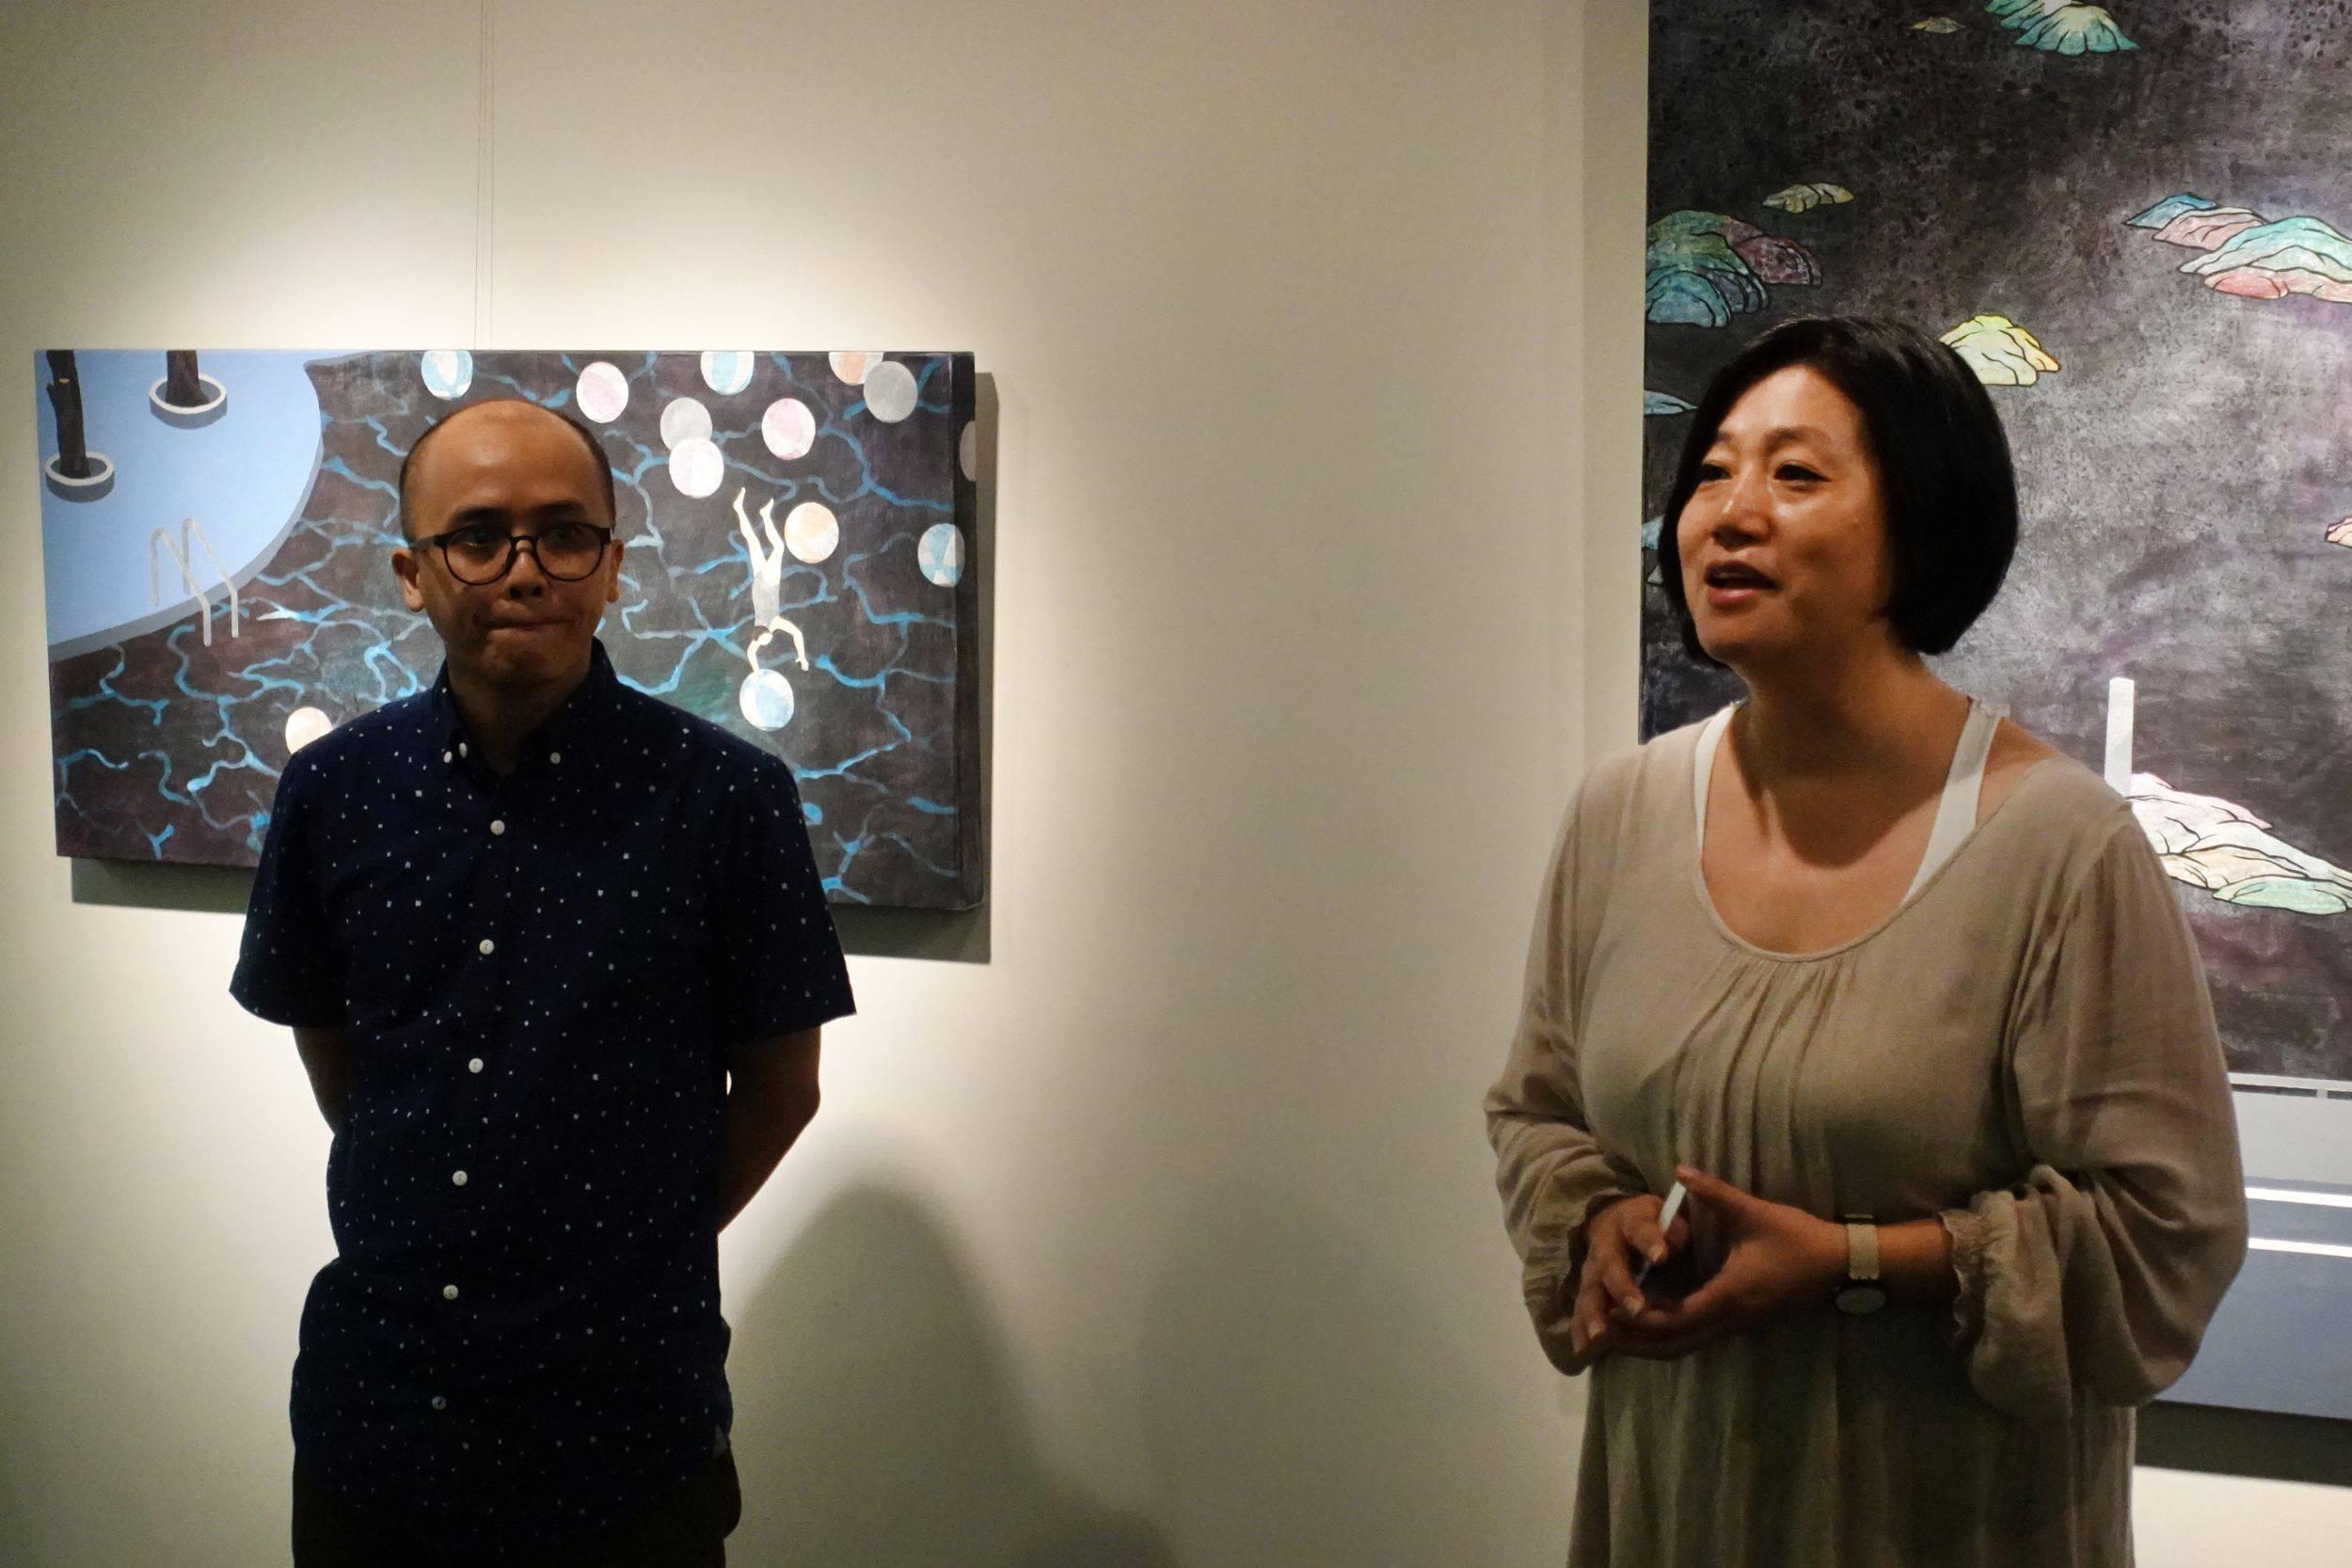 阿波羅畫廊張凱迪總經理現場說明藝術家的作品內涵。